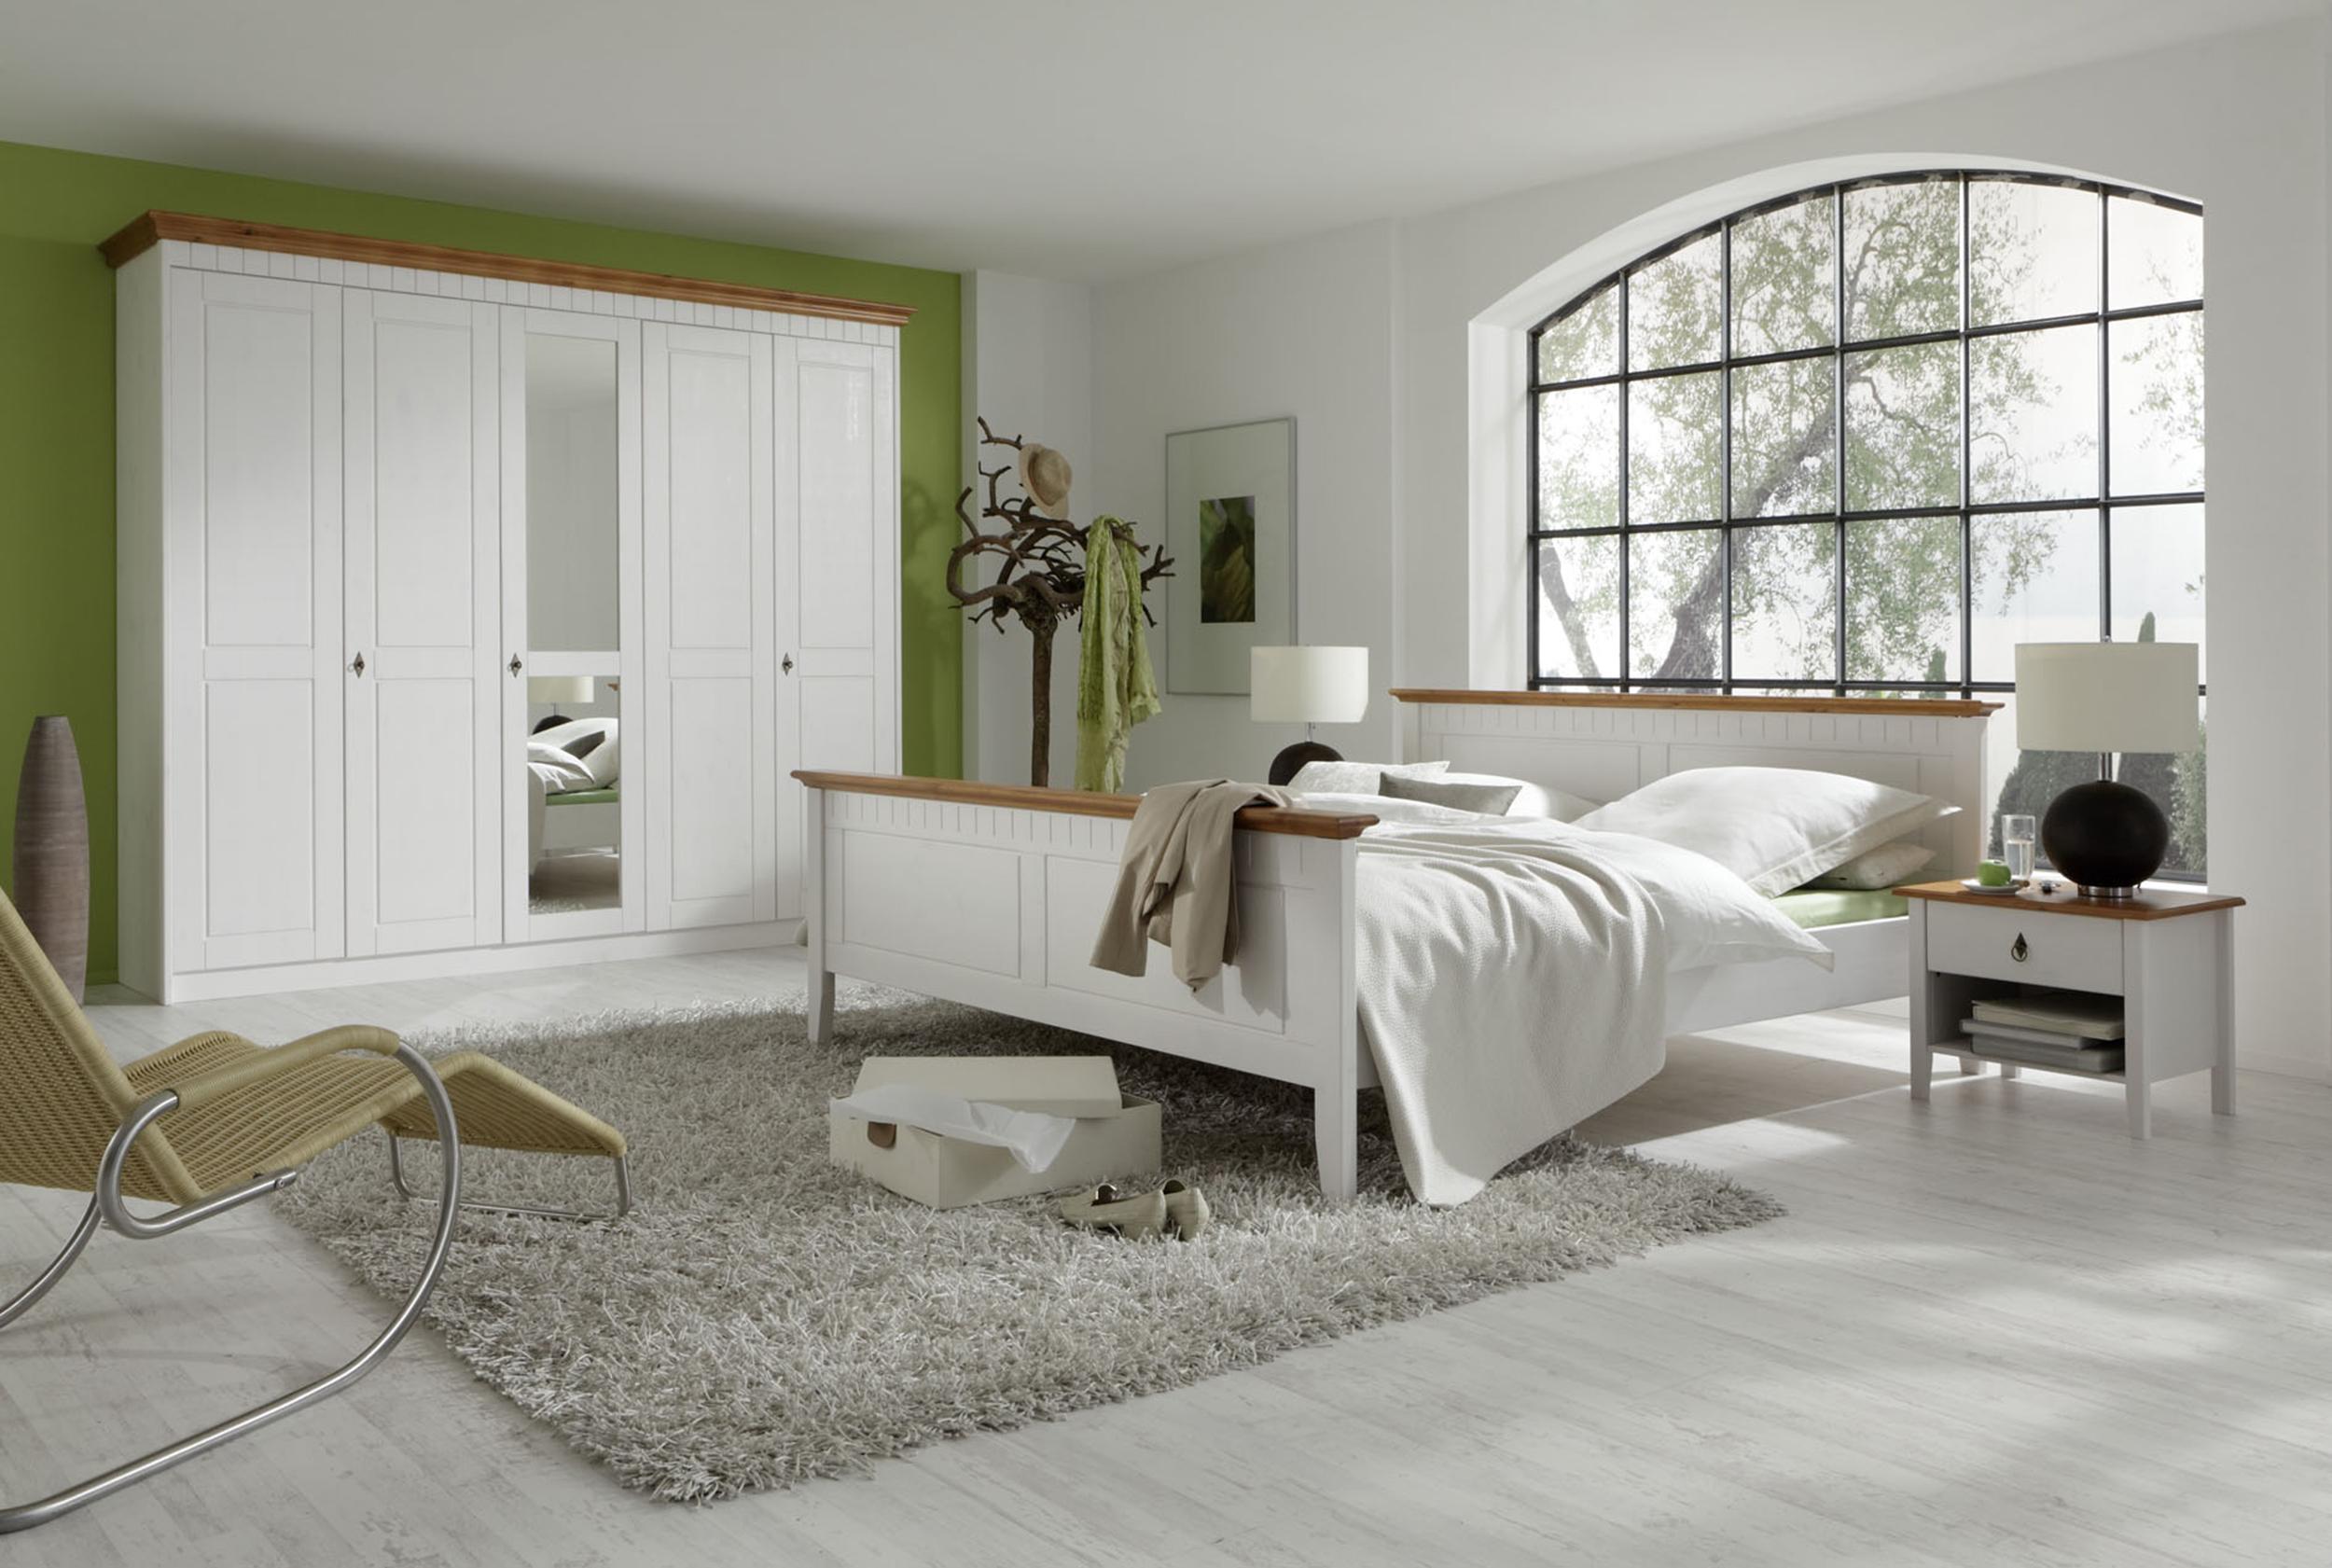 schlafzimmer komplett set hamburg doppelbett bett 180 2 nachttische kleiderschrank schrank 230cm kiefer massiv weiss